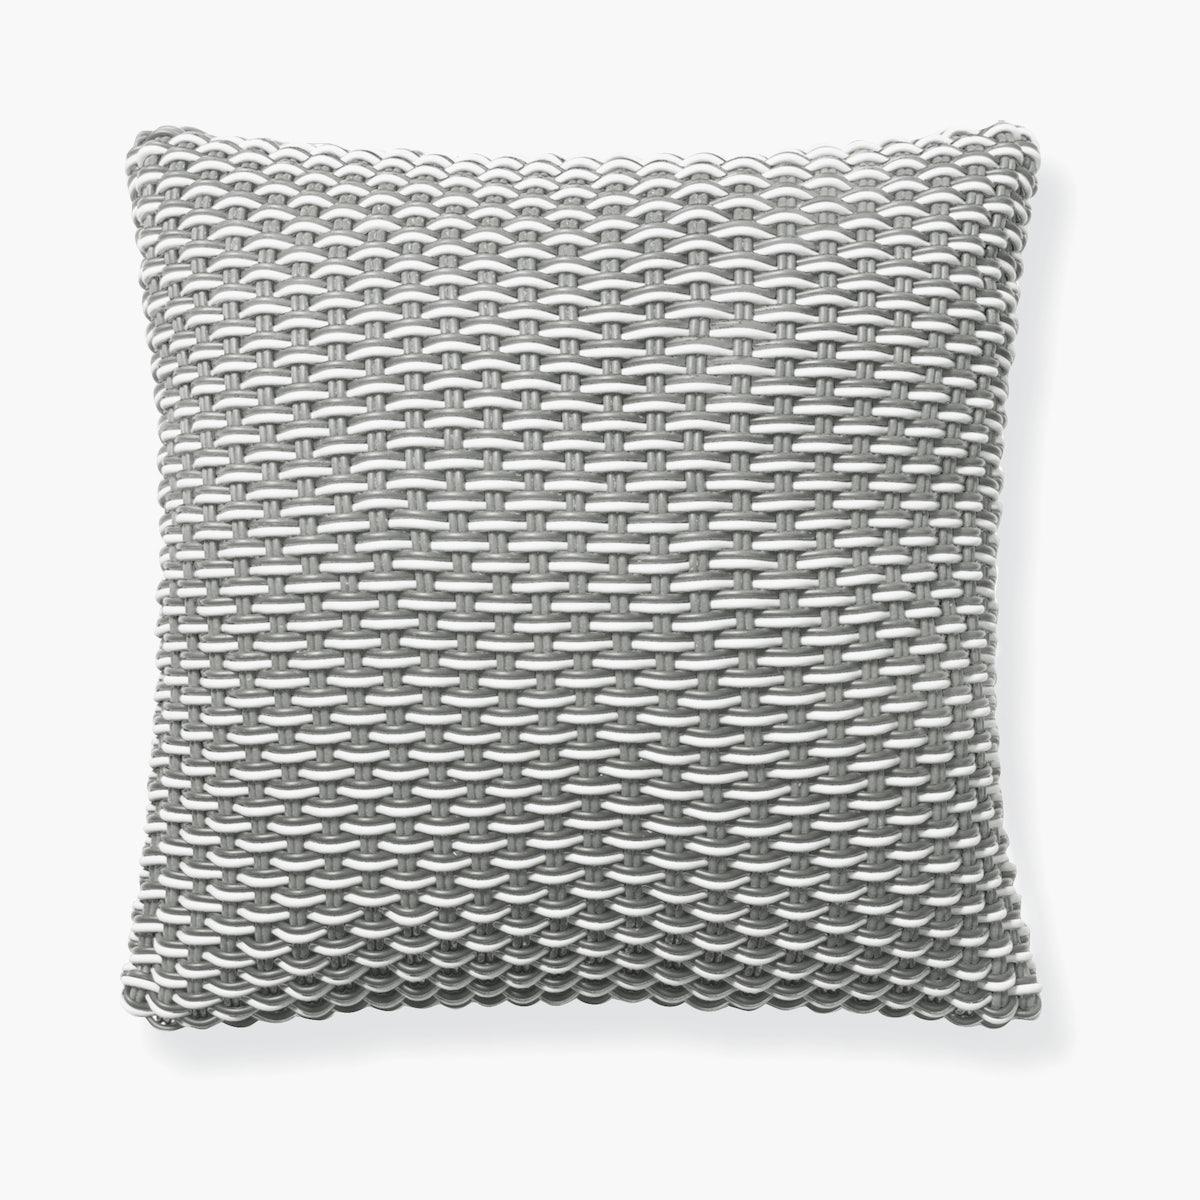 Shore Outdoor Pillow